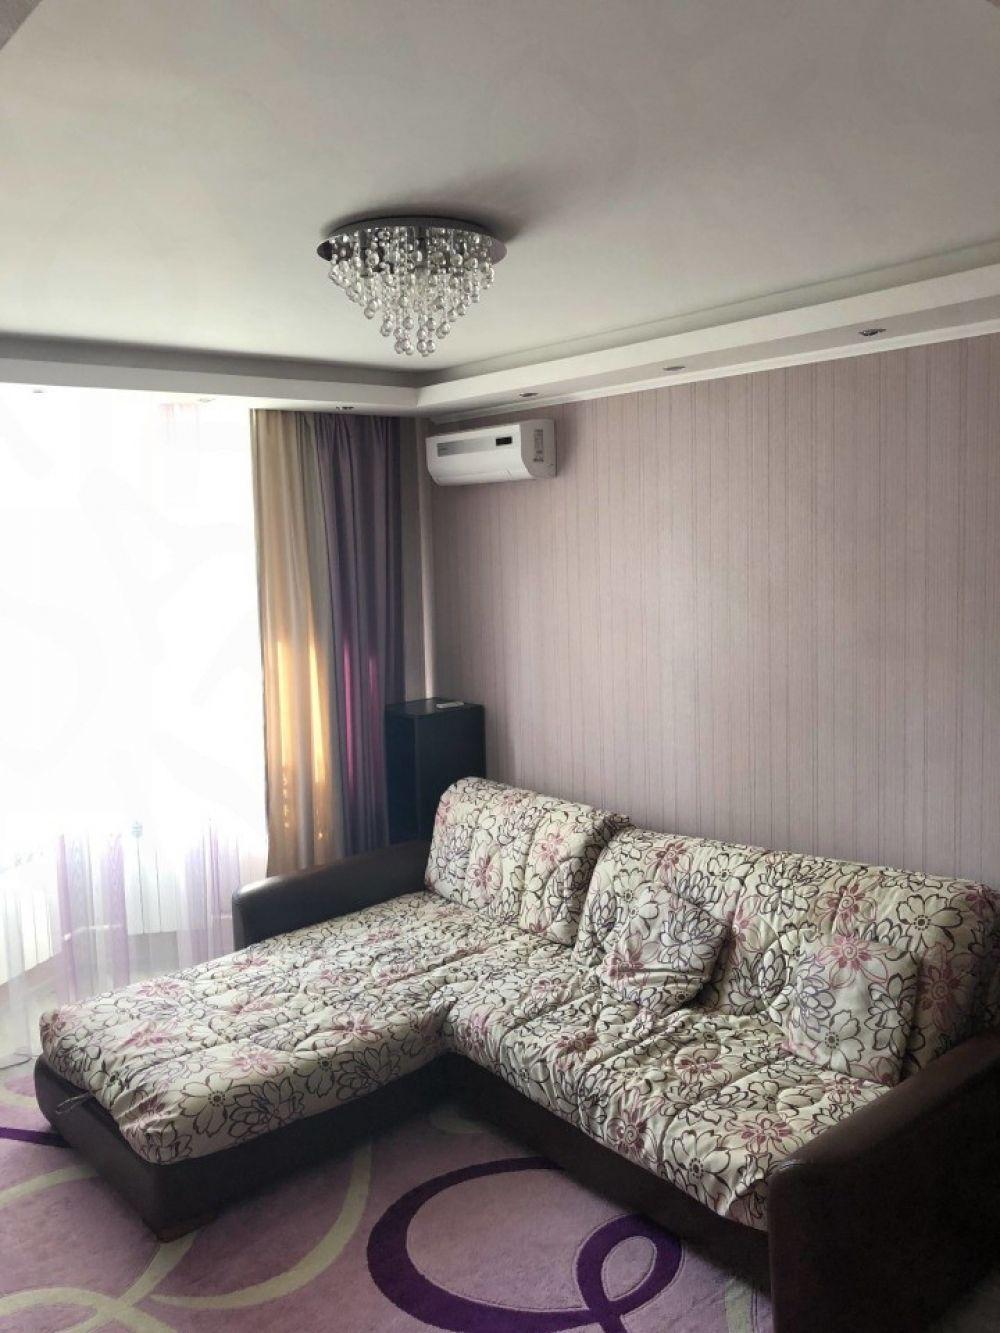 3-к квартира, п. Свердловский, ул. Строителей, 6, фото 4